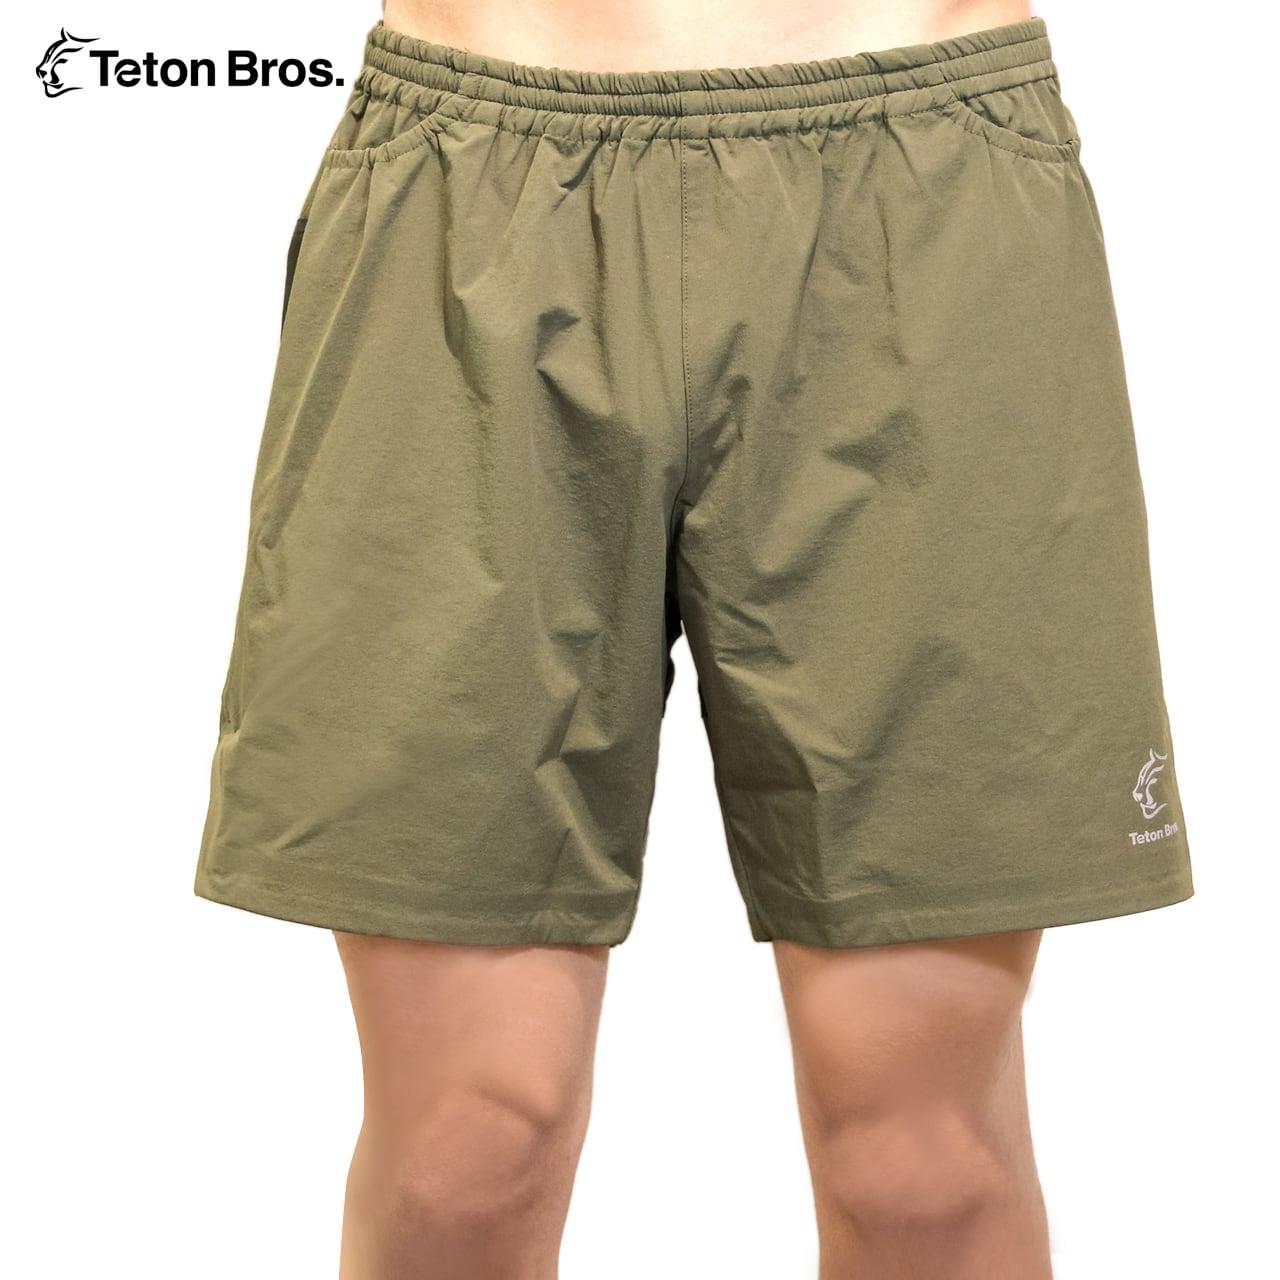 Teton Bros. Scrambling Short Men